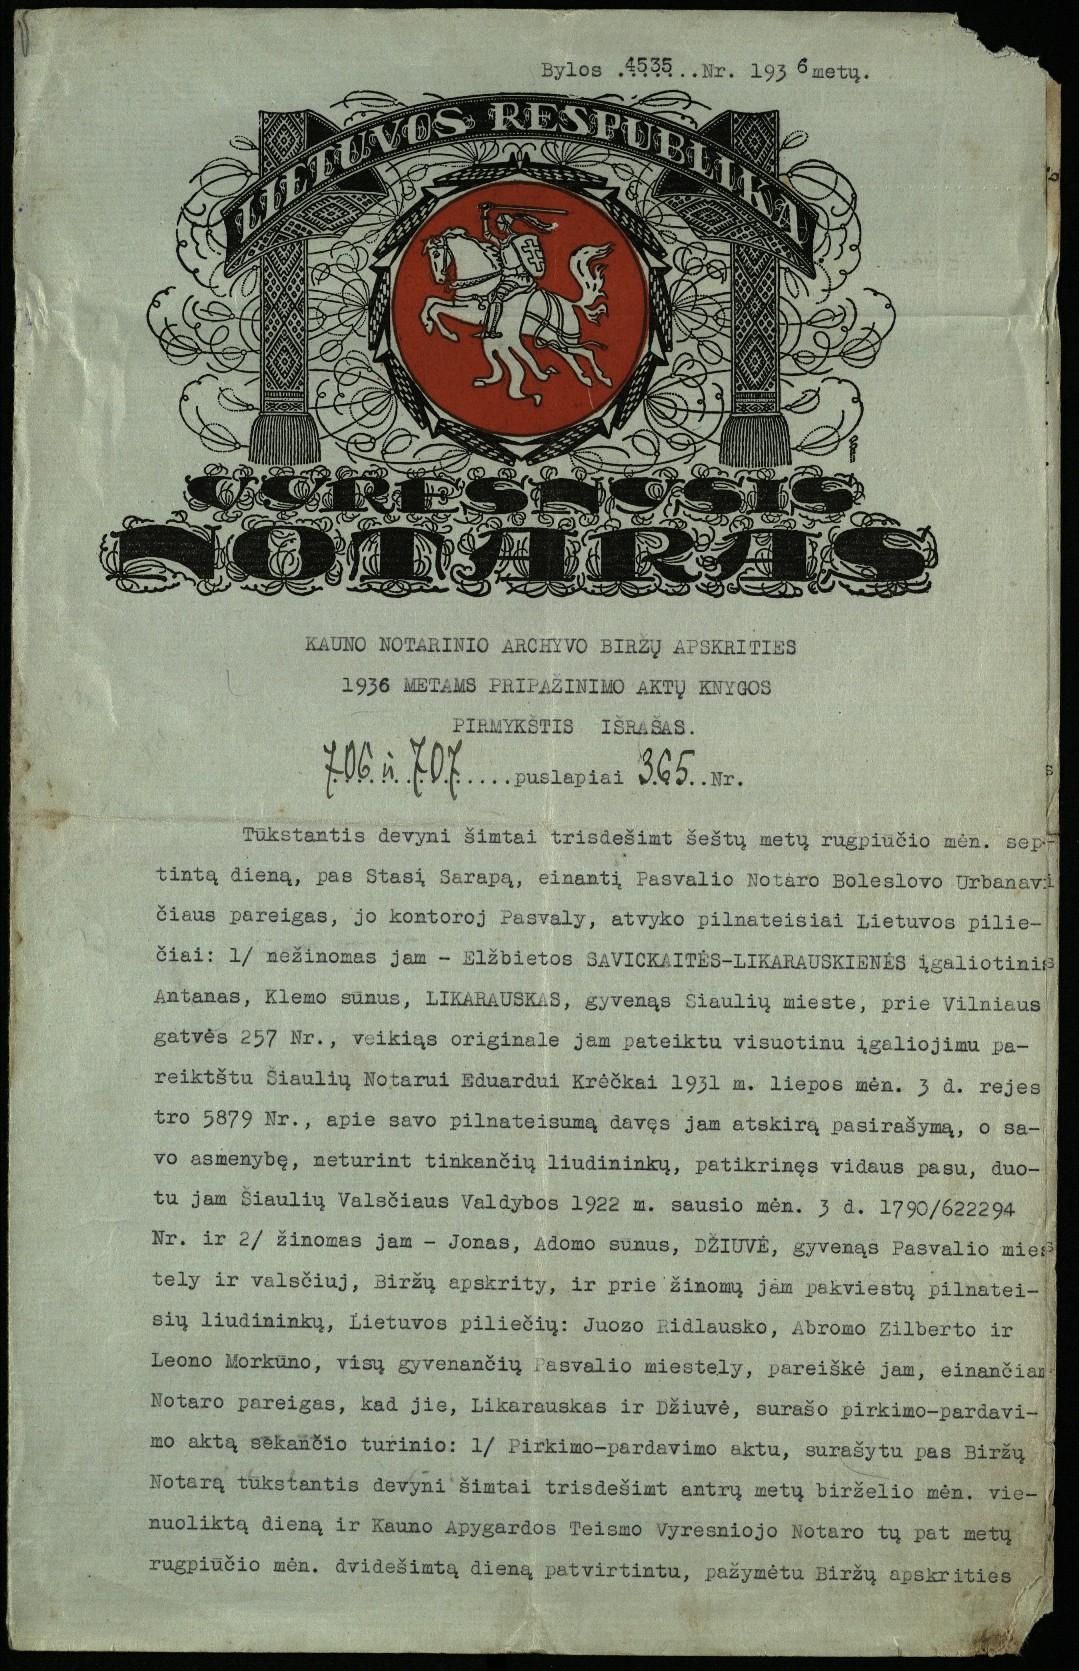 Kauno Notarinio archyvo Biržų apskrities 1936 m. pripažinimo aktų knygos pirmykštis išrašas. 706–707 p., nr. 365.